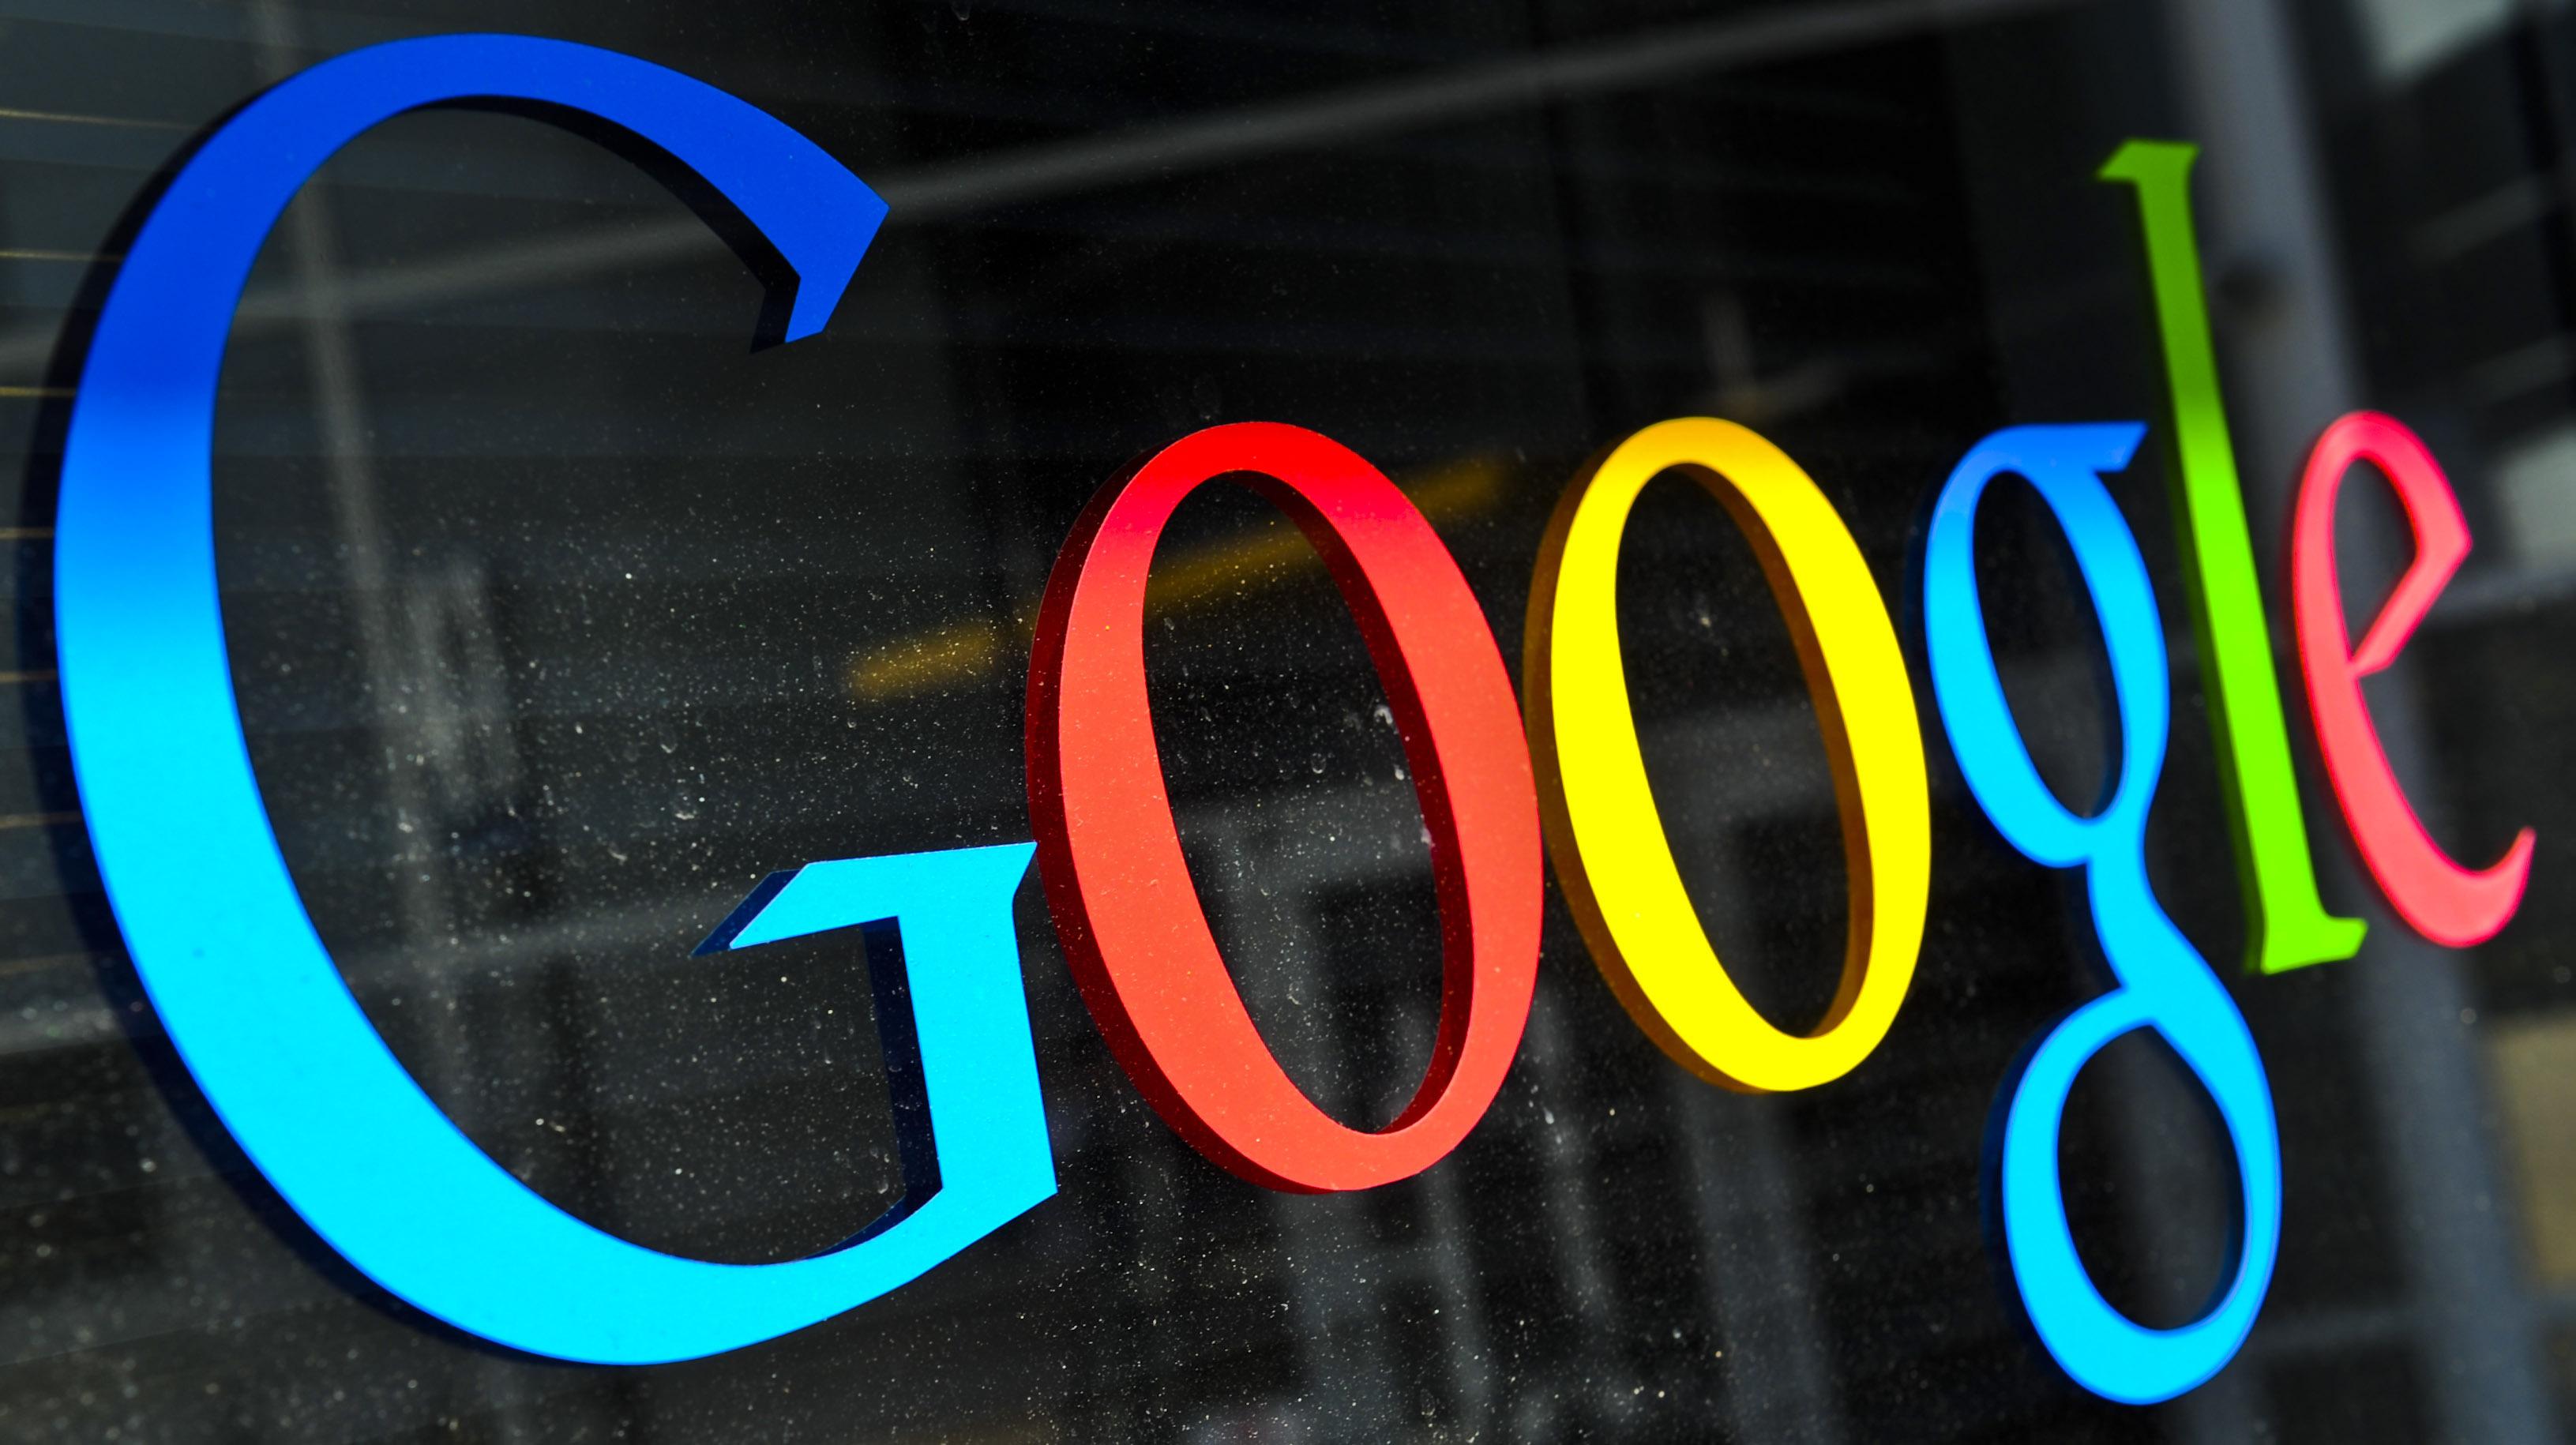 Auch Google entwickelt eine Smartwatch und tritt gegen seine Konkurrenten an. Foto: Ole Spata/dpa